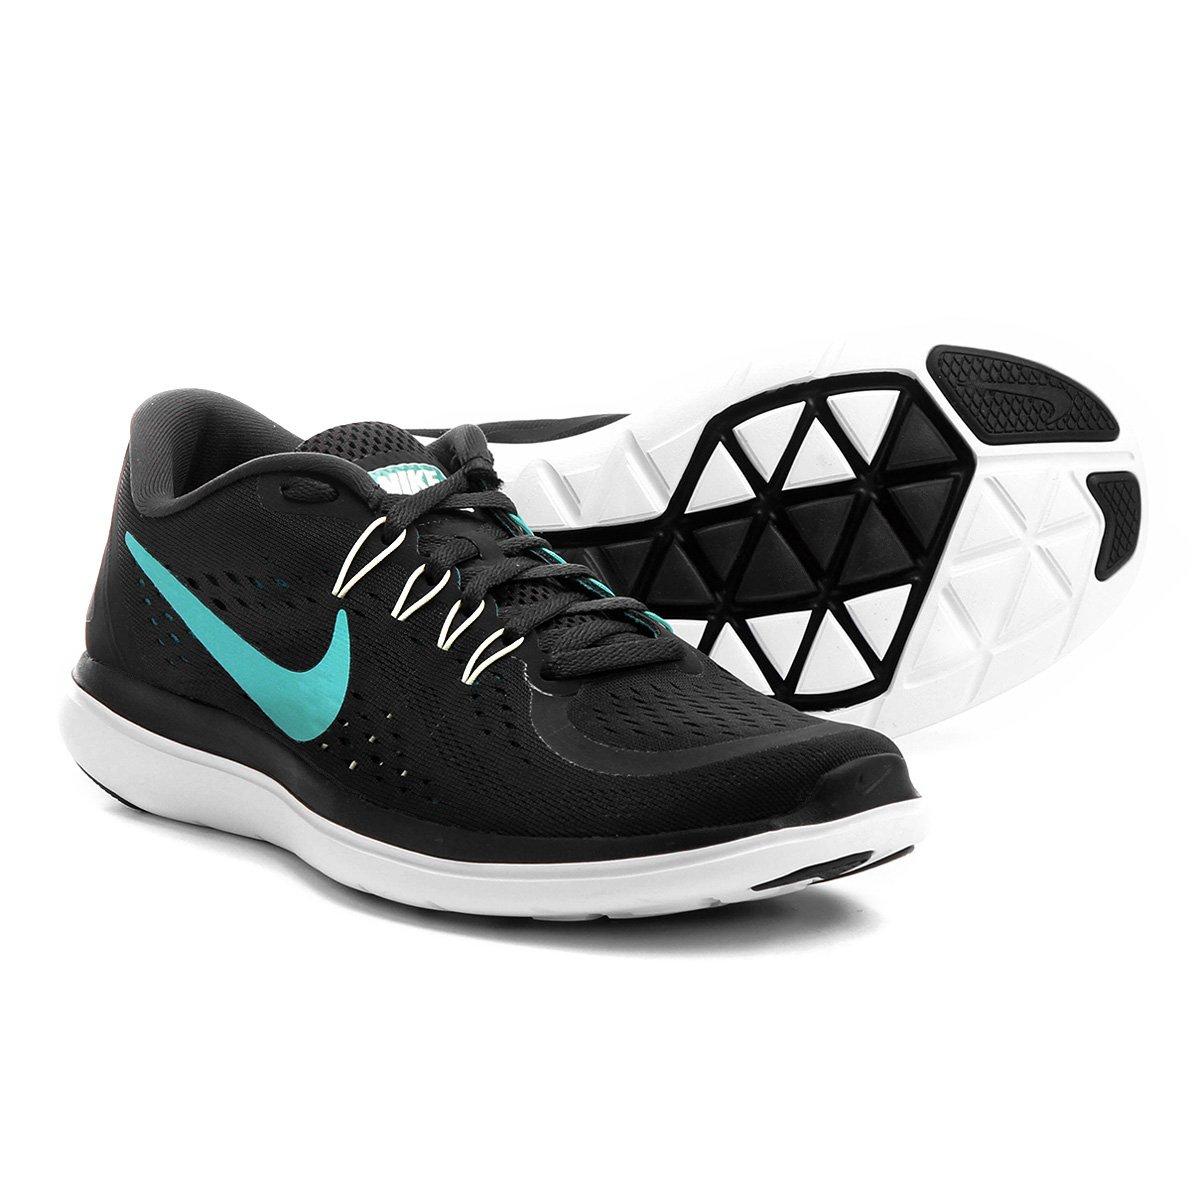 df3ba6d11 Tênis Nike Flex Run Masculino - Preto e Verde Água - Compre Agora ...